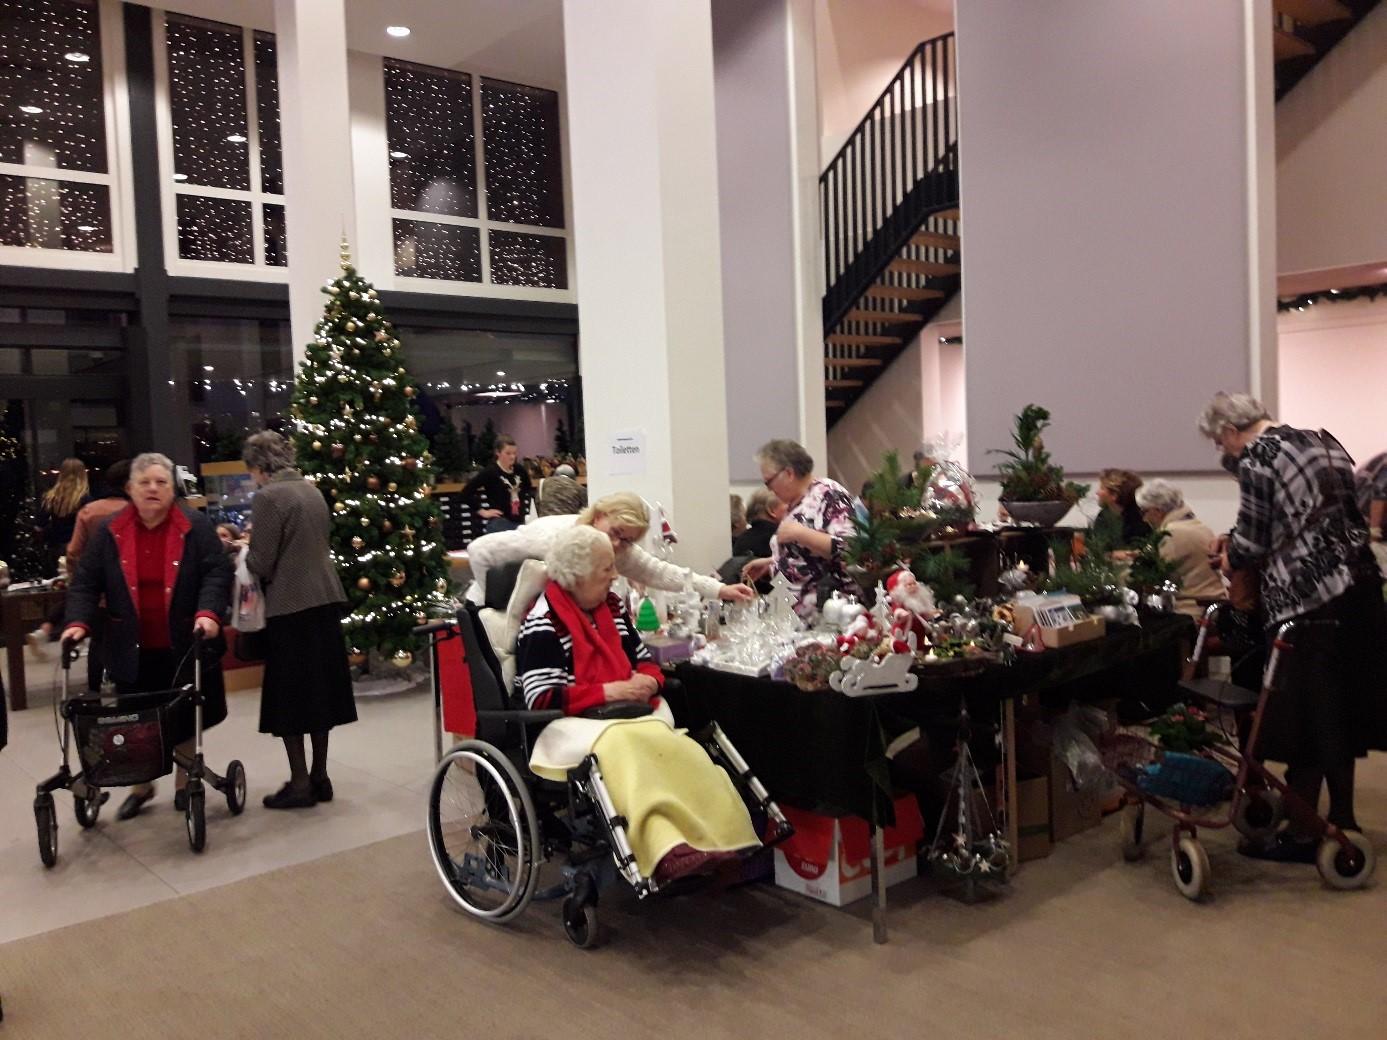 Kraamhouders Gezocht Voor De Kerstmarkt Nieuws Zorgcentrum Huize